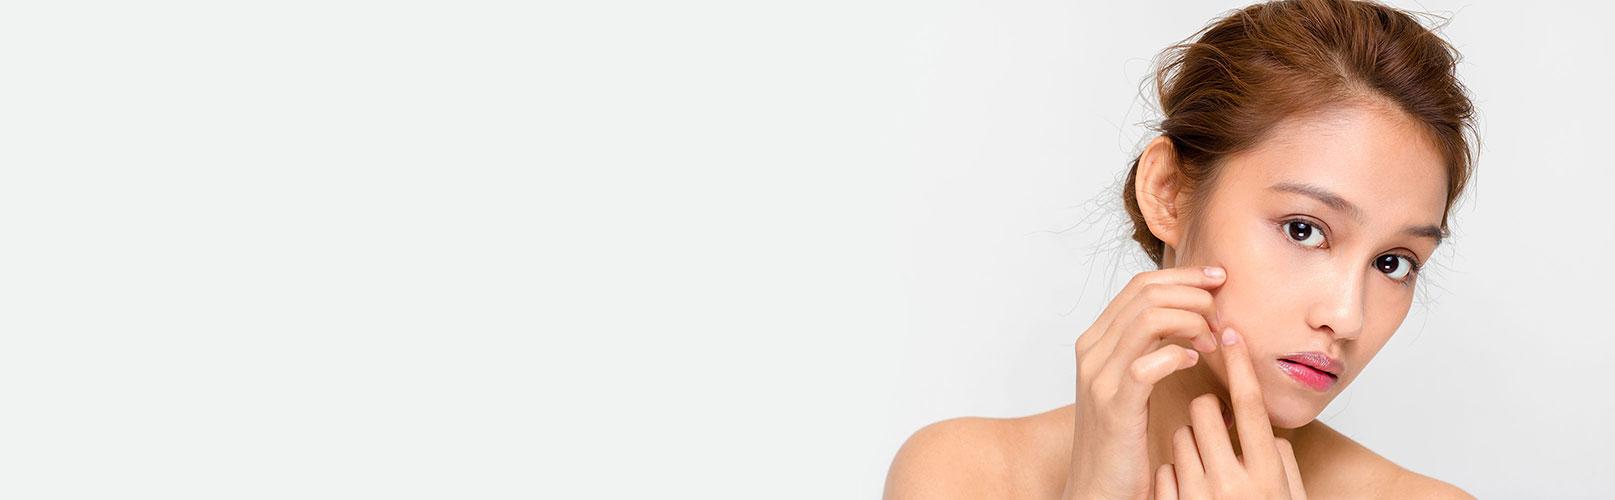 Traitement d'acné à Lyon - médecine esthétique | Dr Corniglion